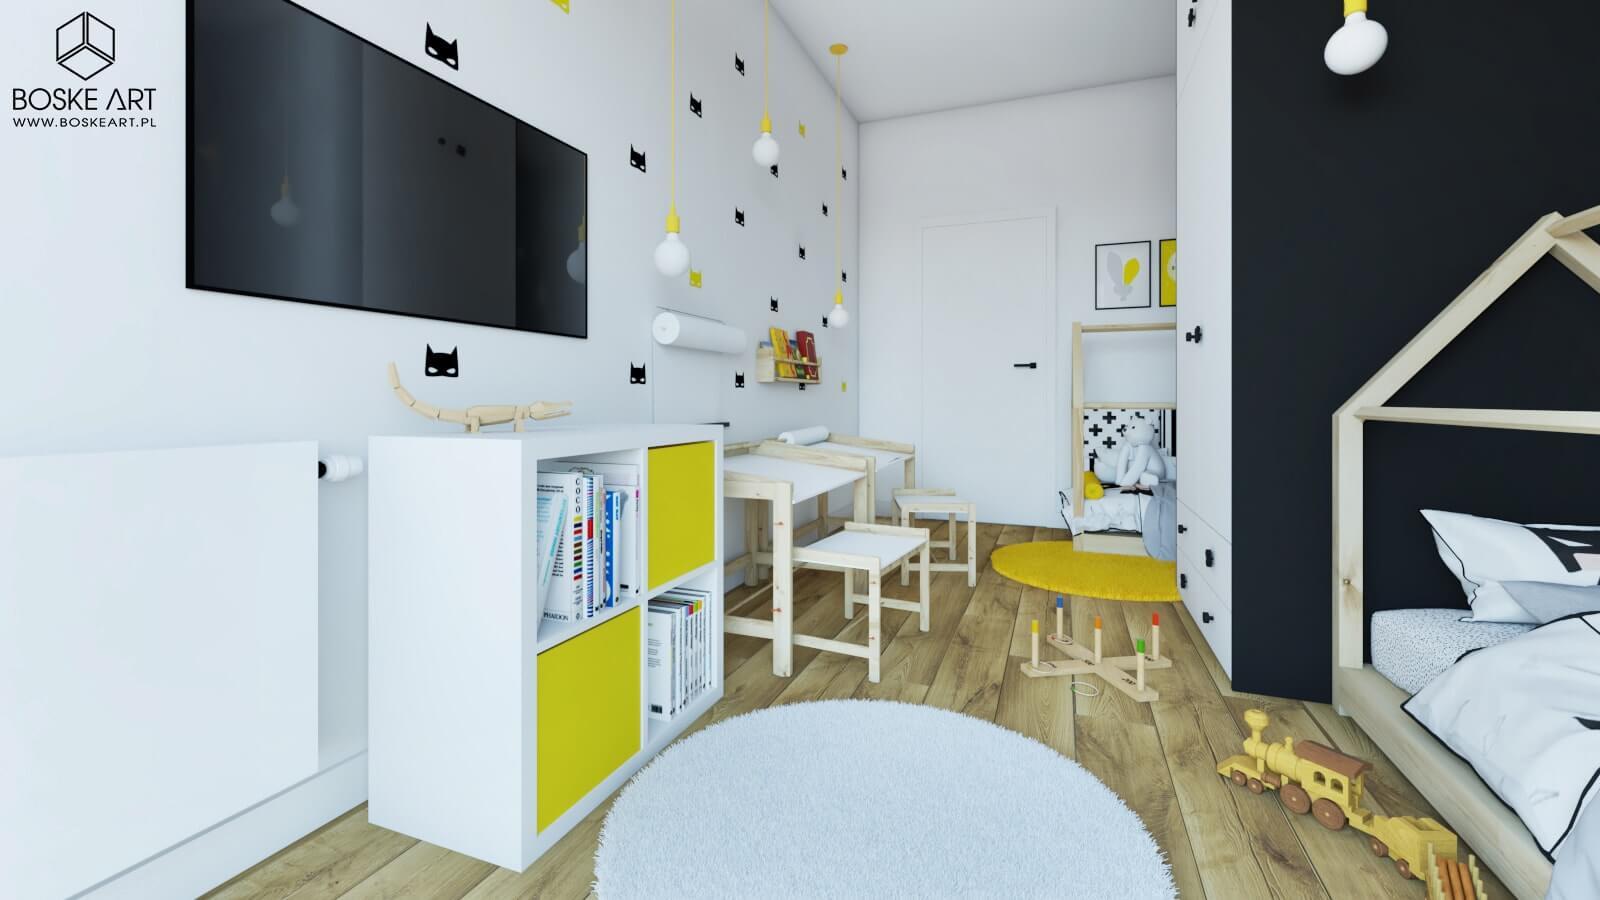 3_mieszkanie_poznan_boske_art_projektowanie_wnetrz_architektura_natalia_robaszkiewicz-min